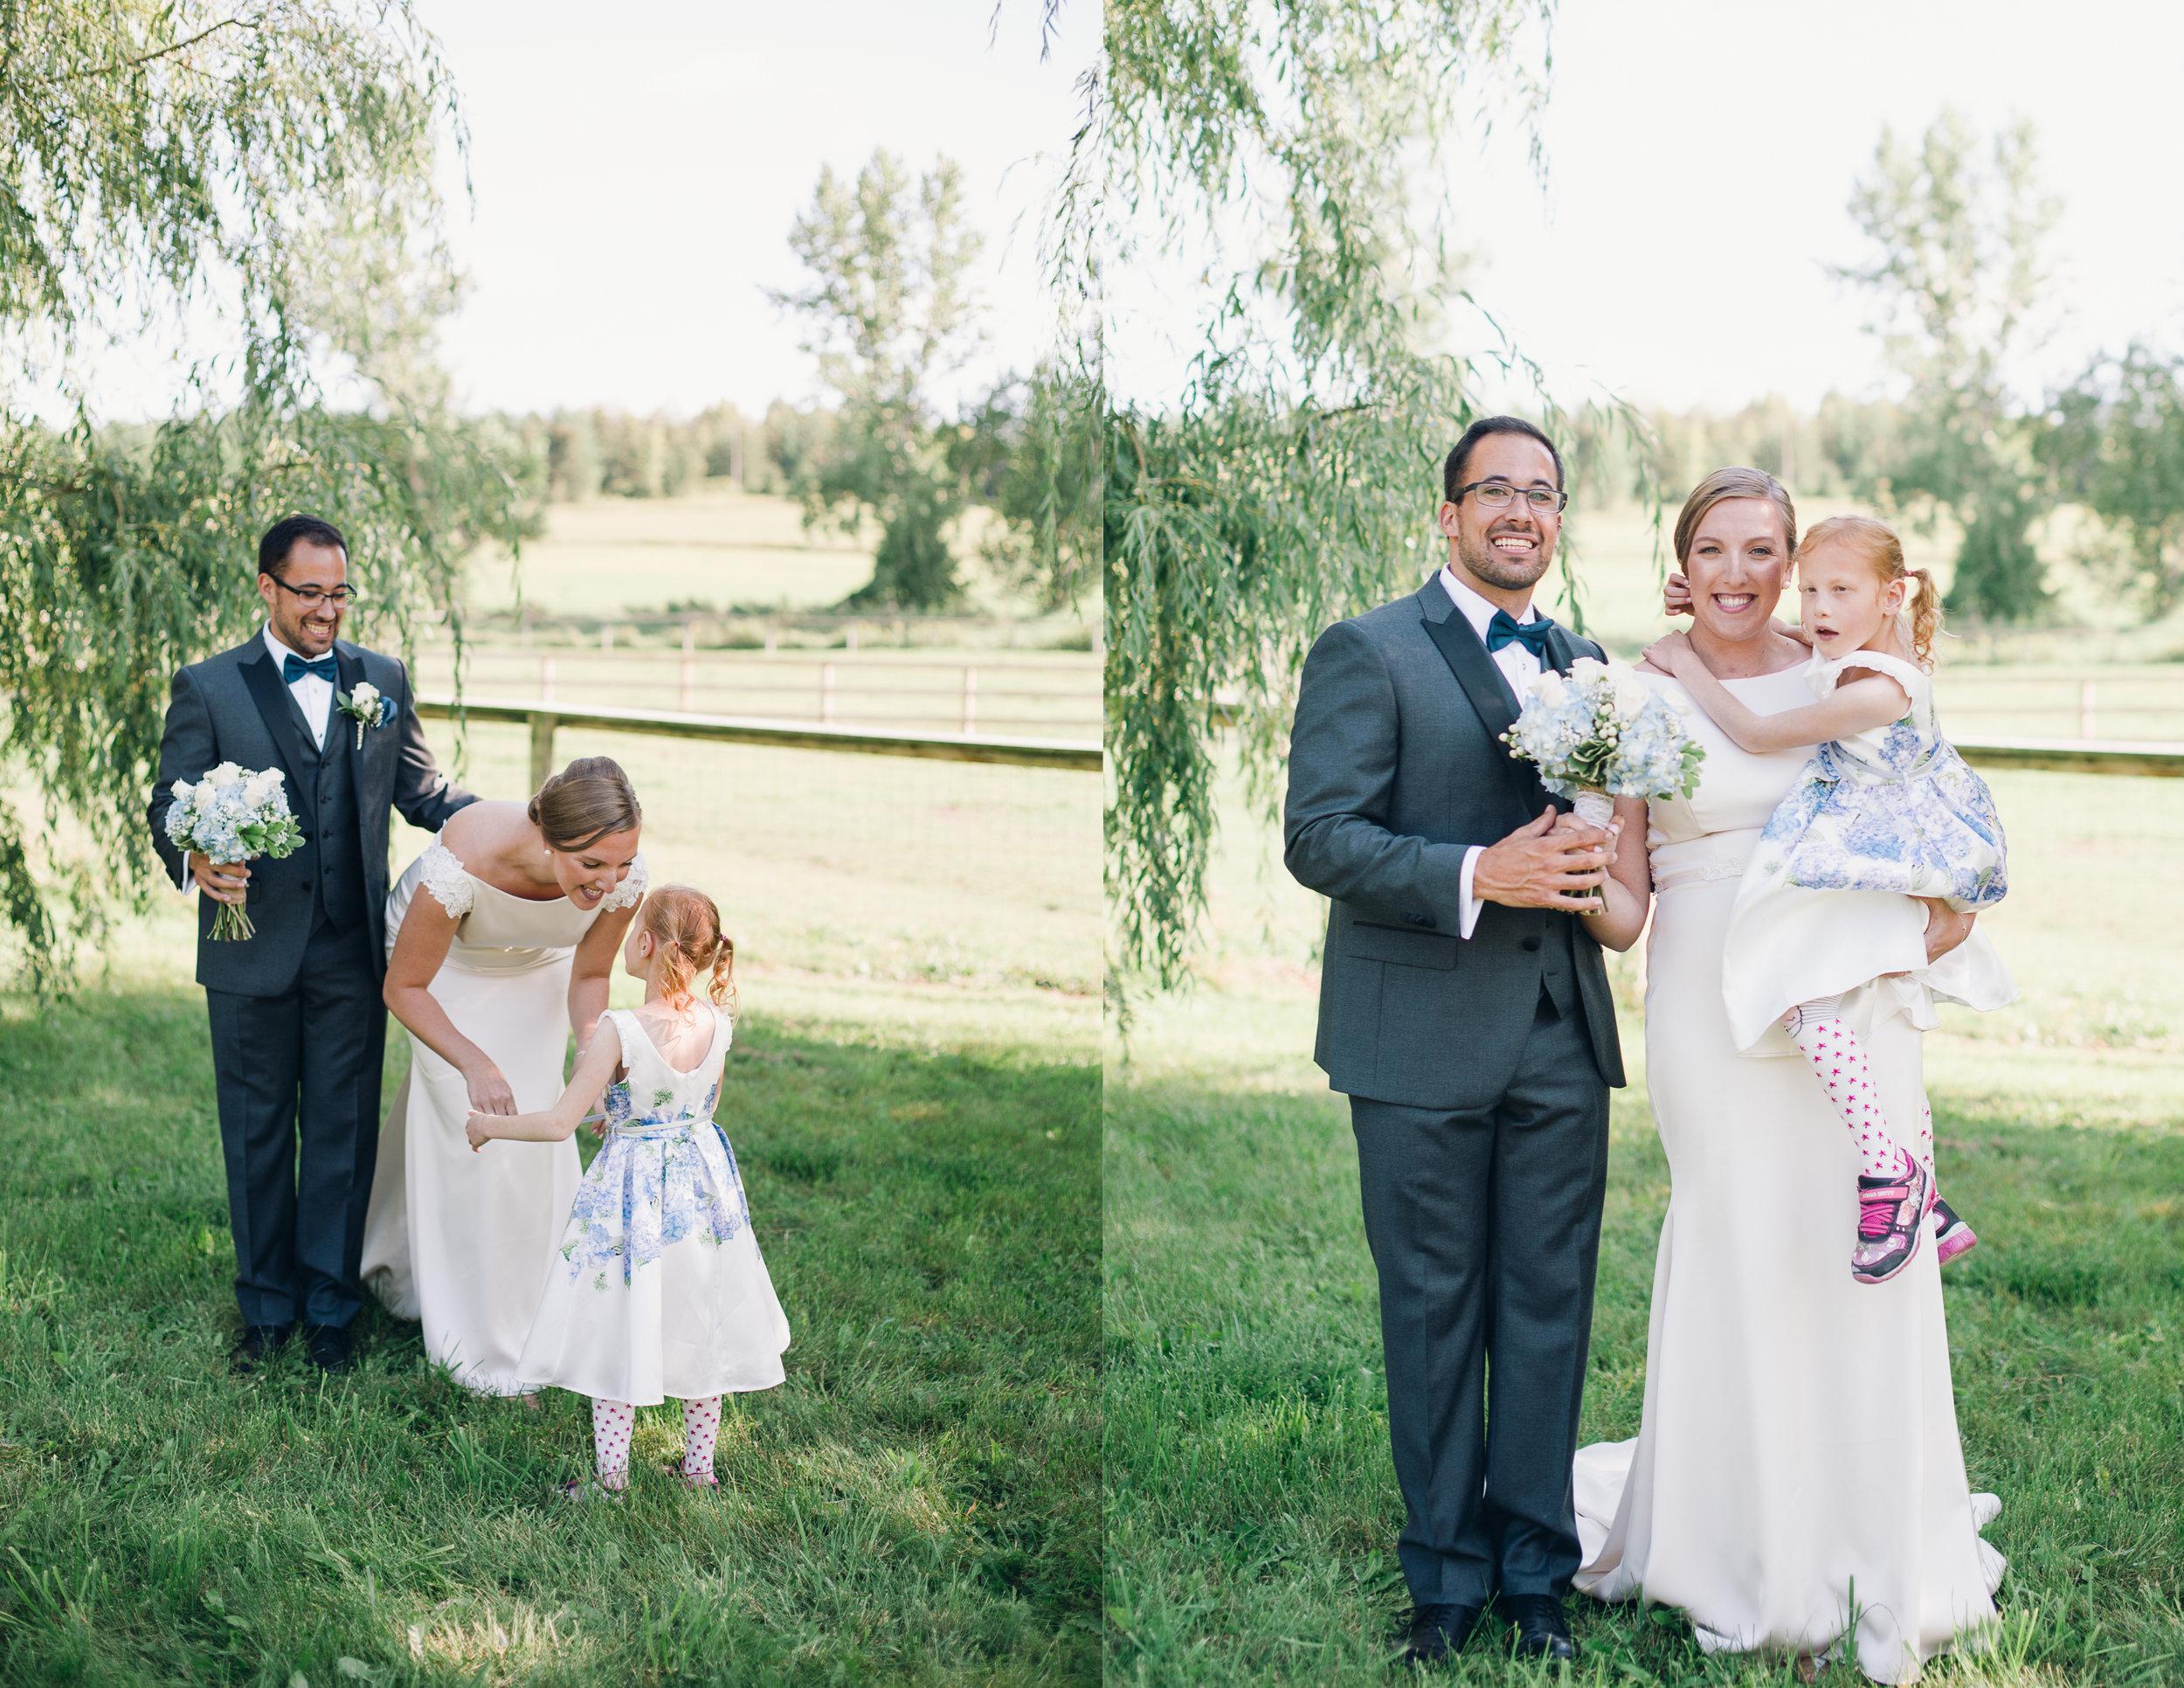 Waterstone_Estate_Equestrian Wedding2x2_7.jpg